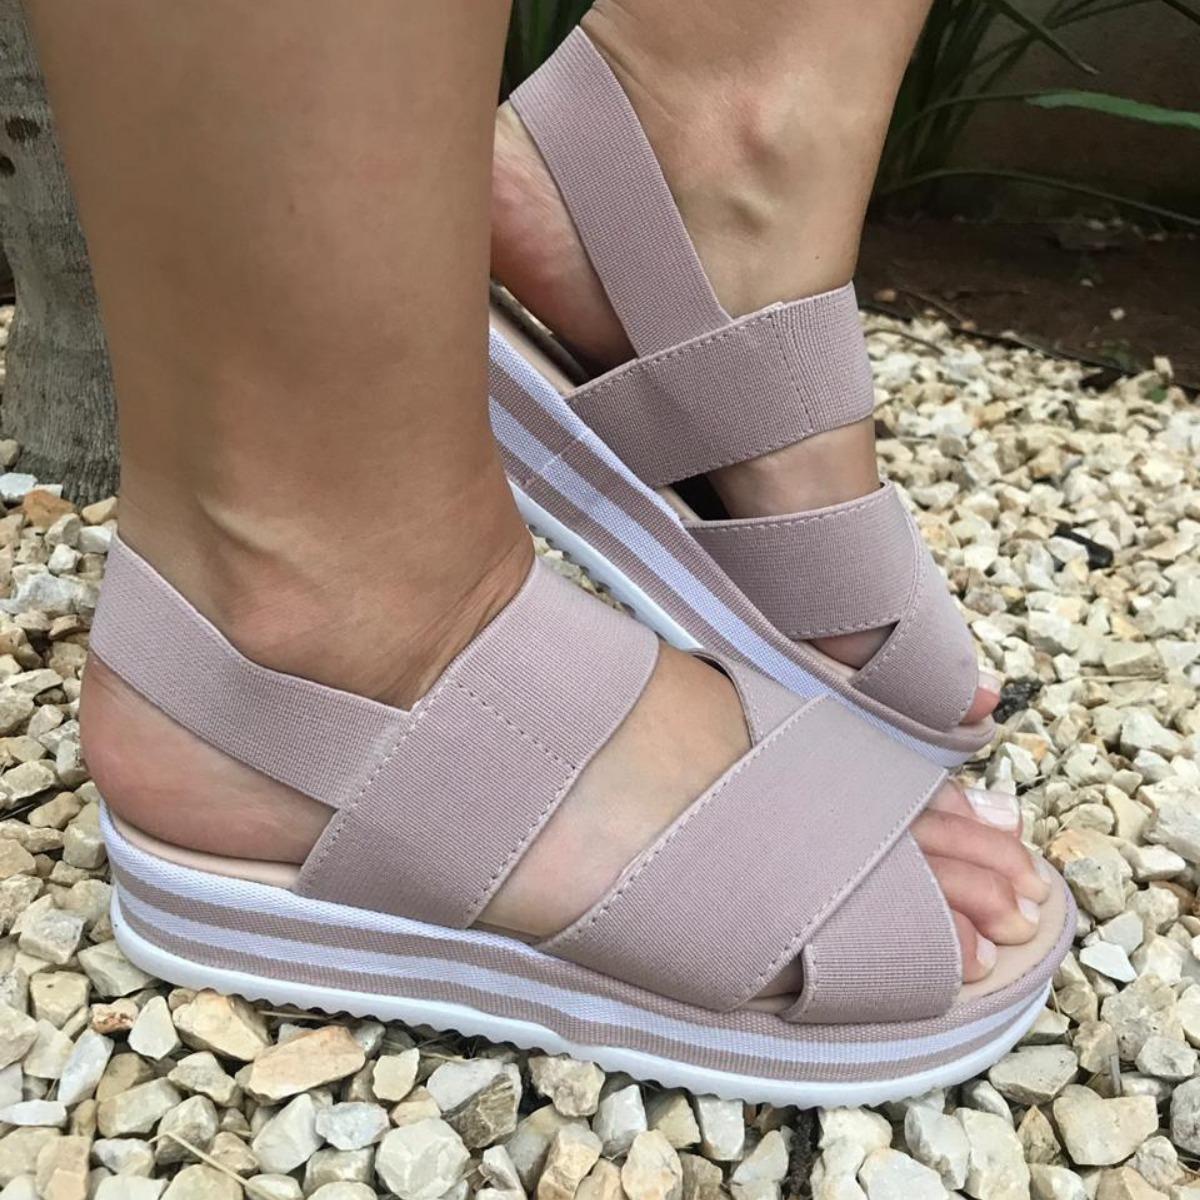 91e09ad1c sandalia anabela feminina tratorada sapato plataforma moda. Carregando zoom.